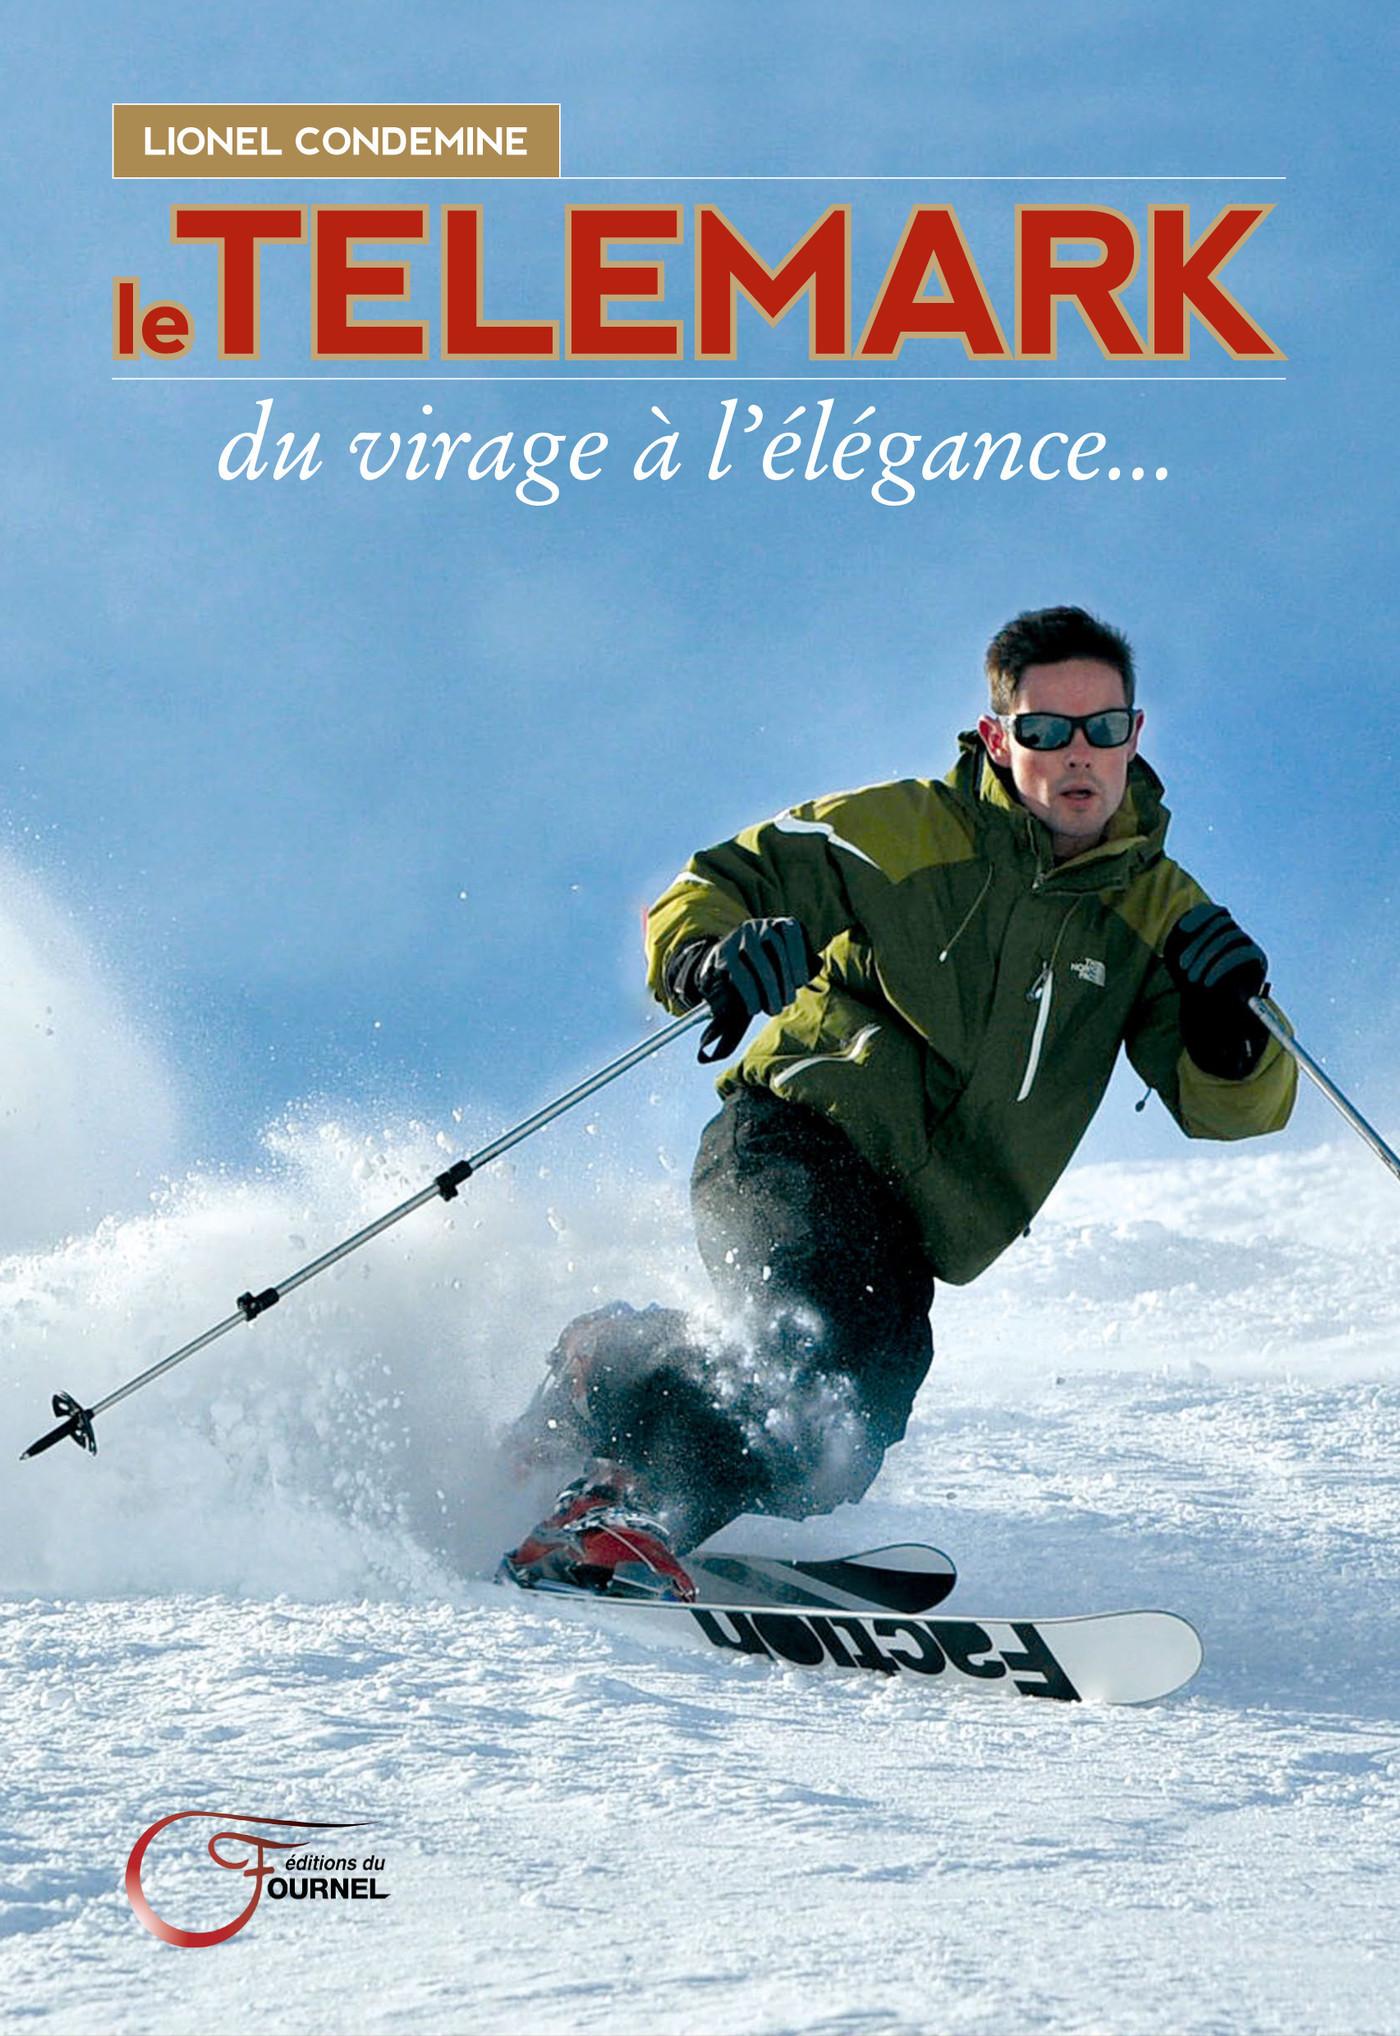 Le Telemark, du virage à l'élégance - Lionel Condemine